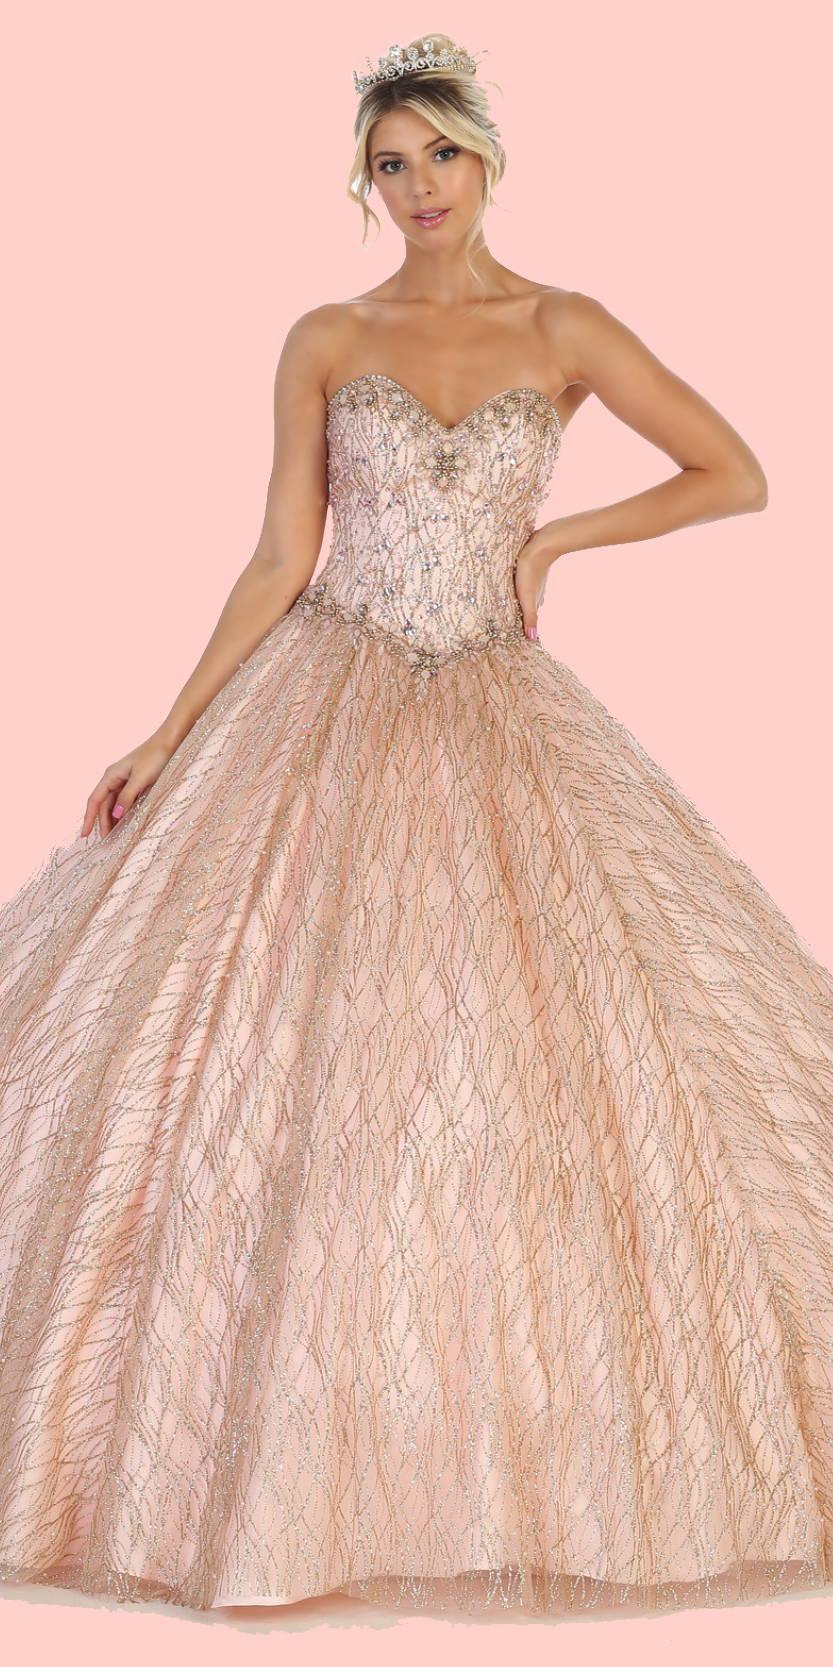 dcc070e8aa Party Dresses & Wedding Dresses, Prom & Grade 8 Grad Dresses ...